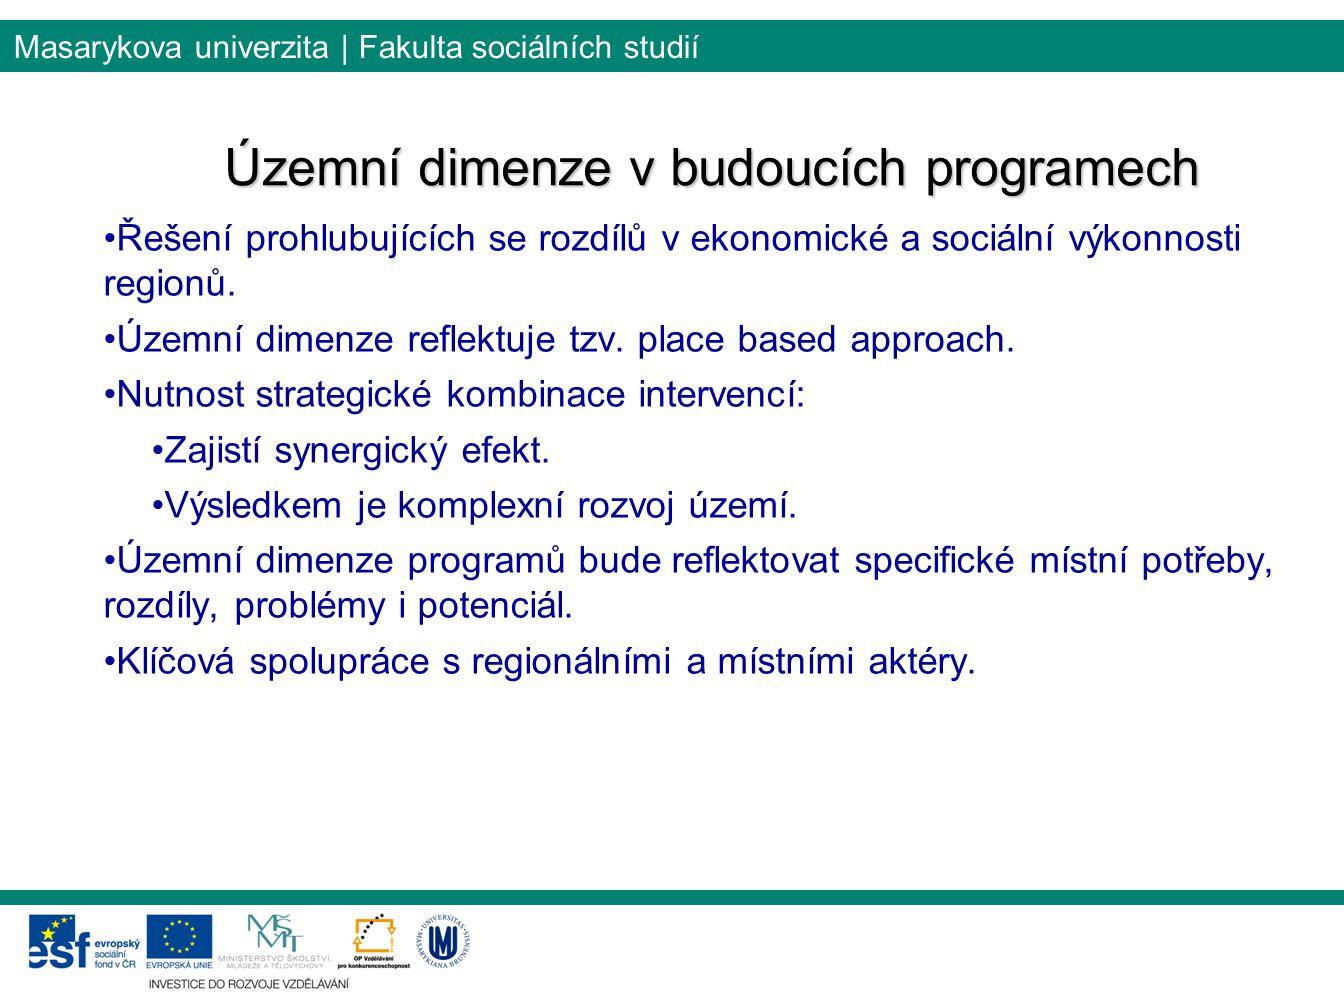 Masarykova univerzita | Fakulta sociálních studií Územní dimenze v budoucích programech Řešení prohlubujících se rozdílů v ekonomické a sociální výkonnosti regionů.